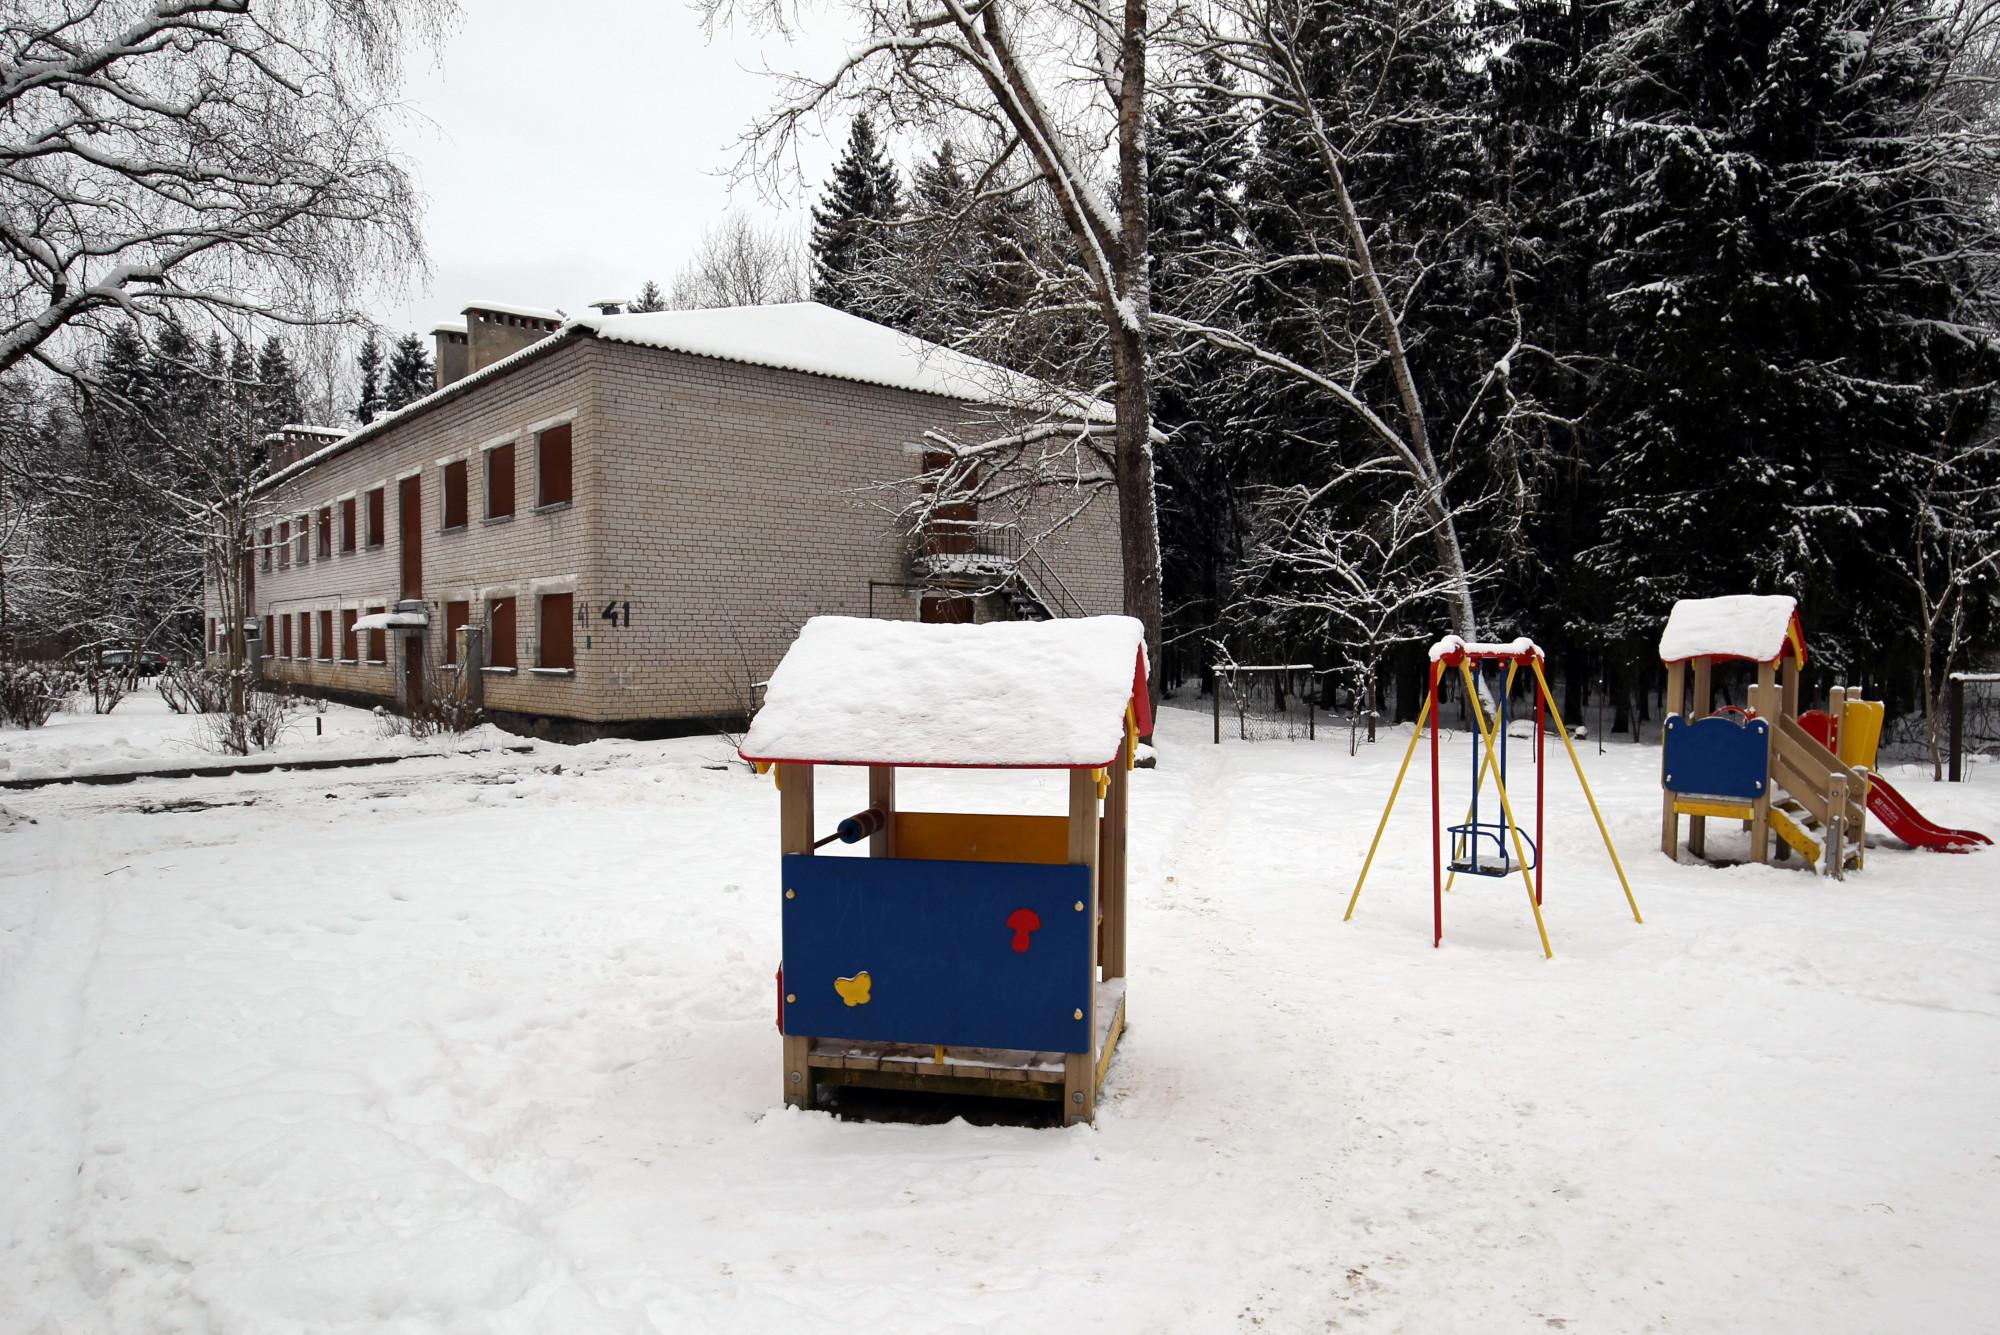 посёлок Хвойный, детская площадка, лечебный корпус госпиталя